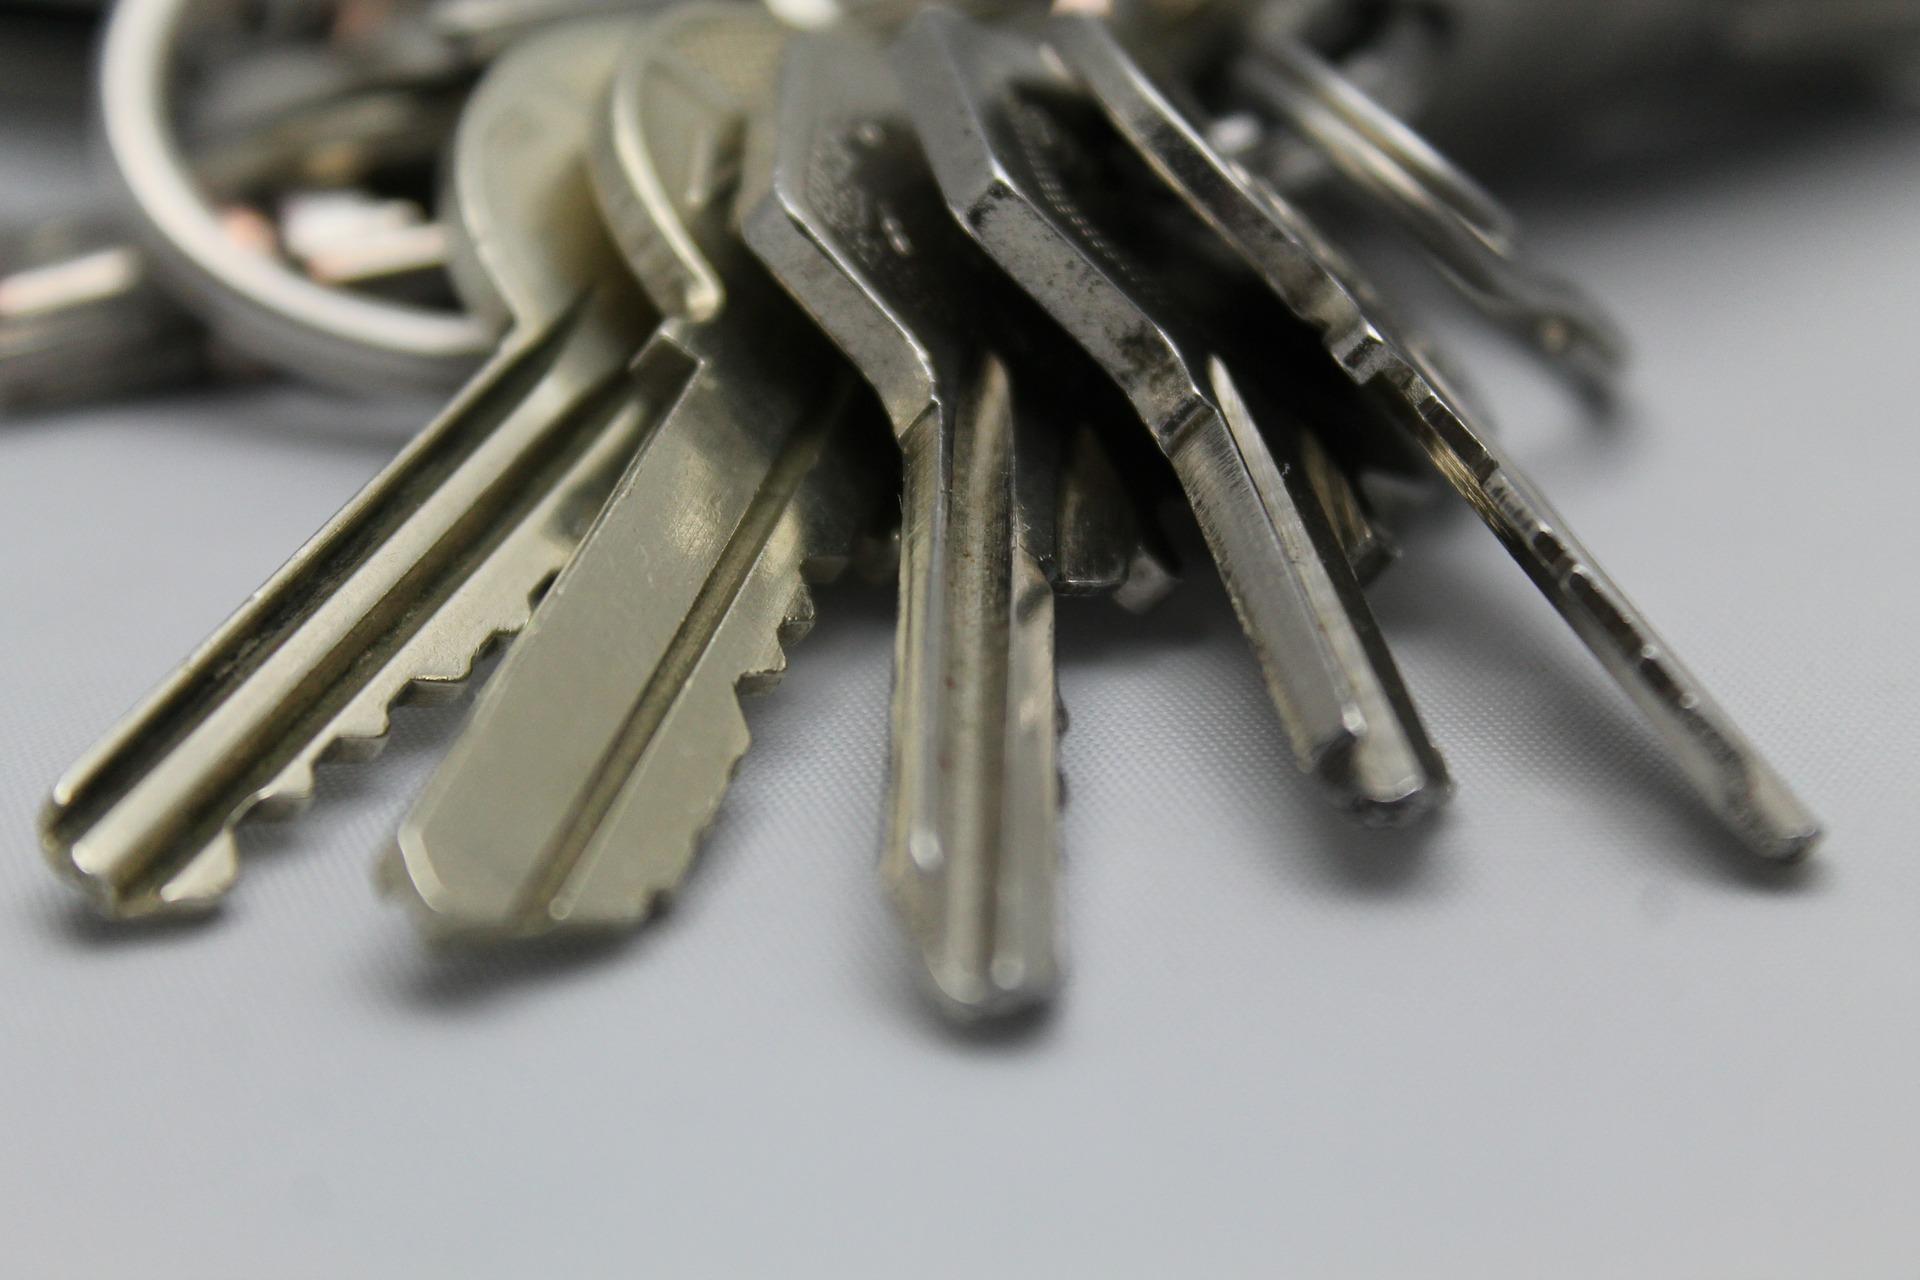 key-603339_1920